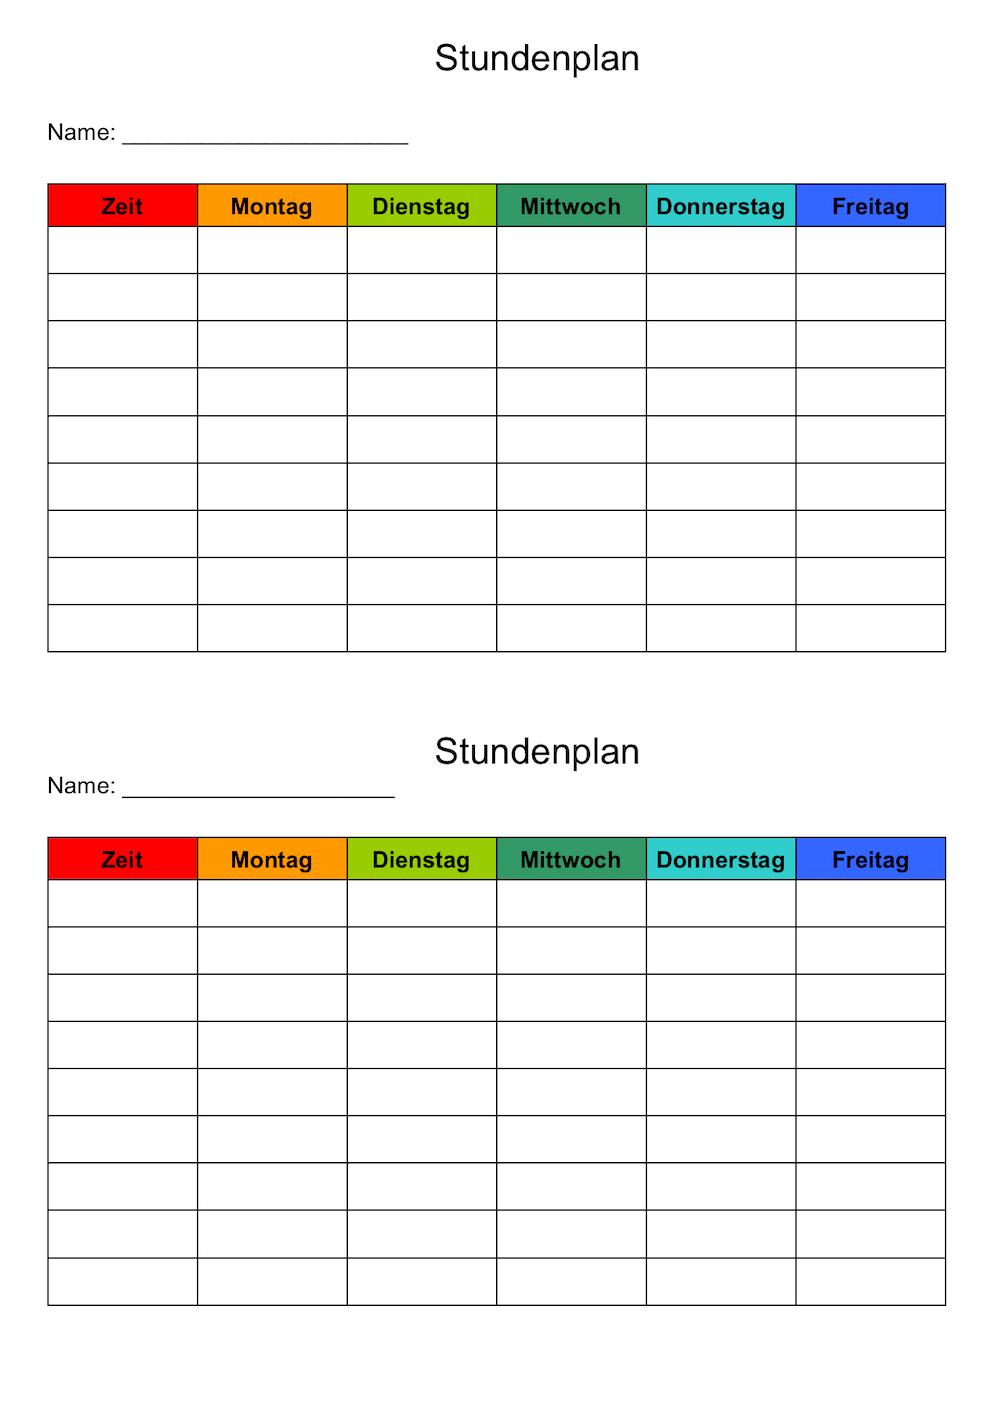 Stundenplan Vorlage Word Hochformat